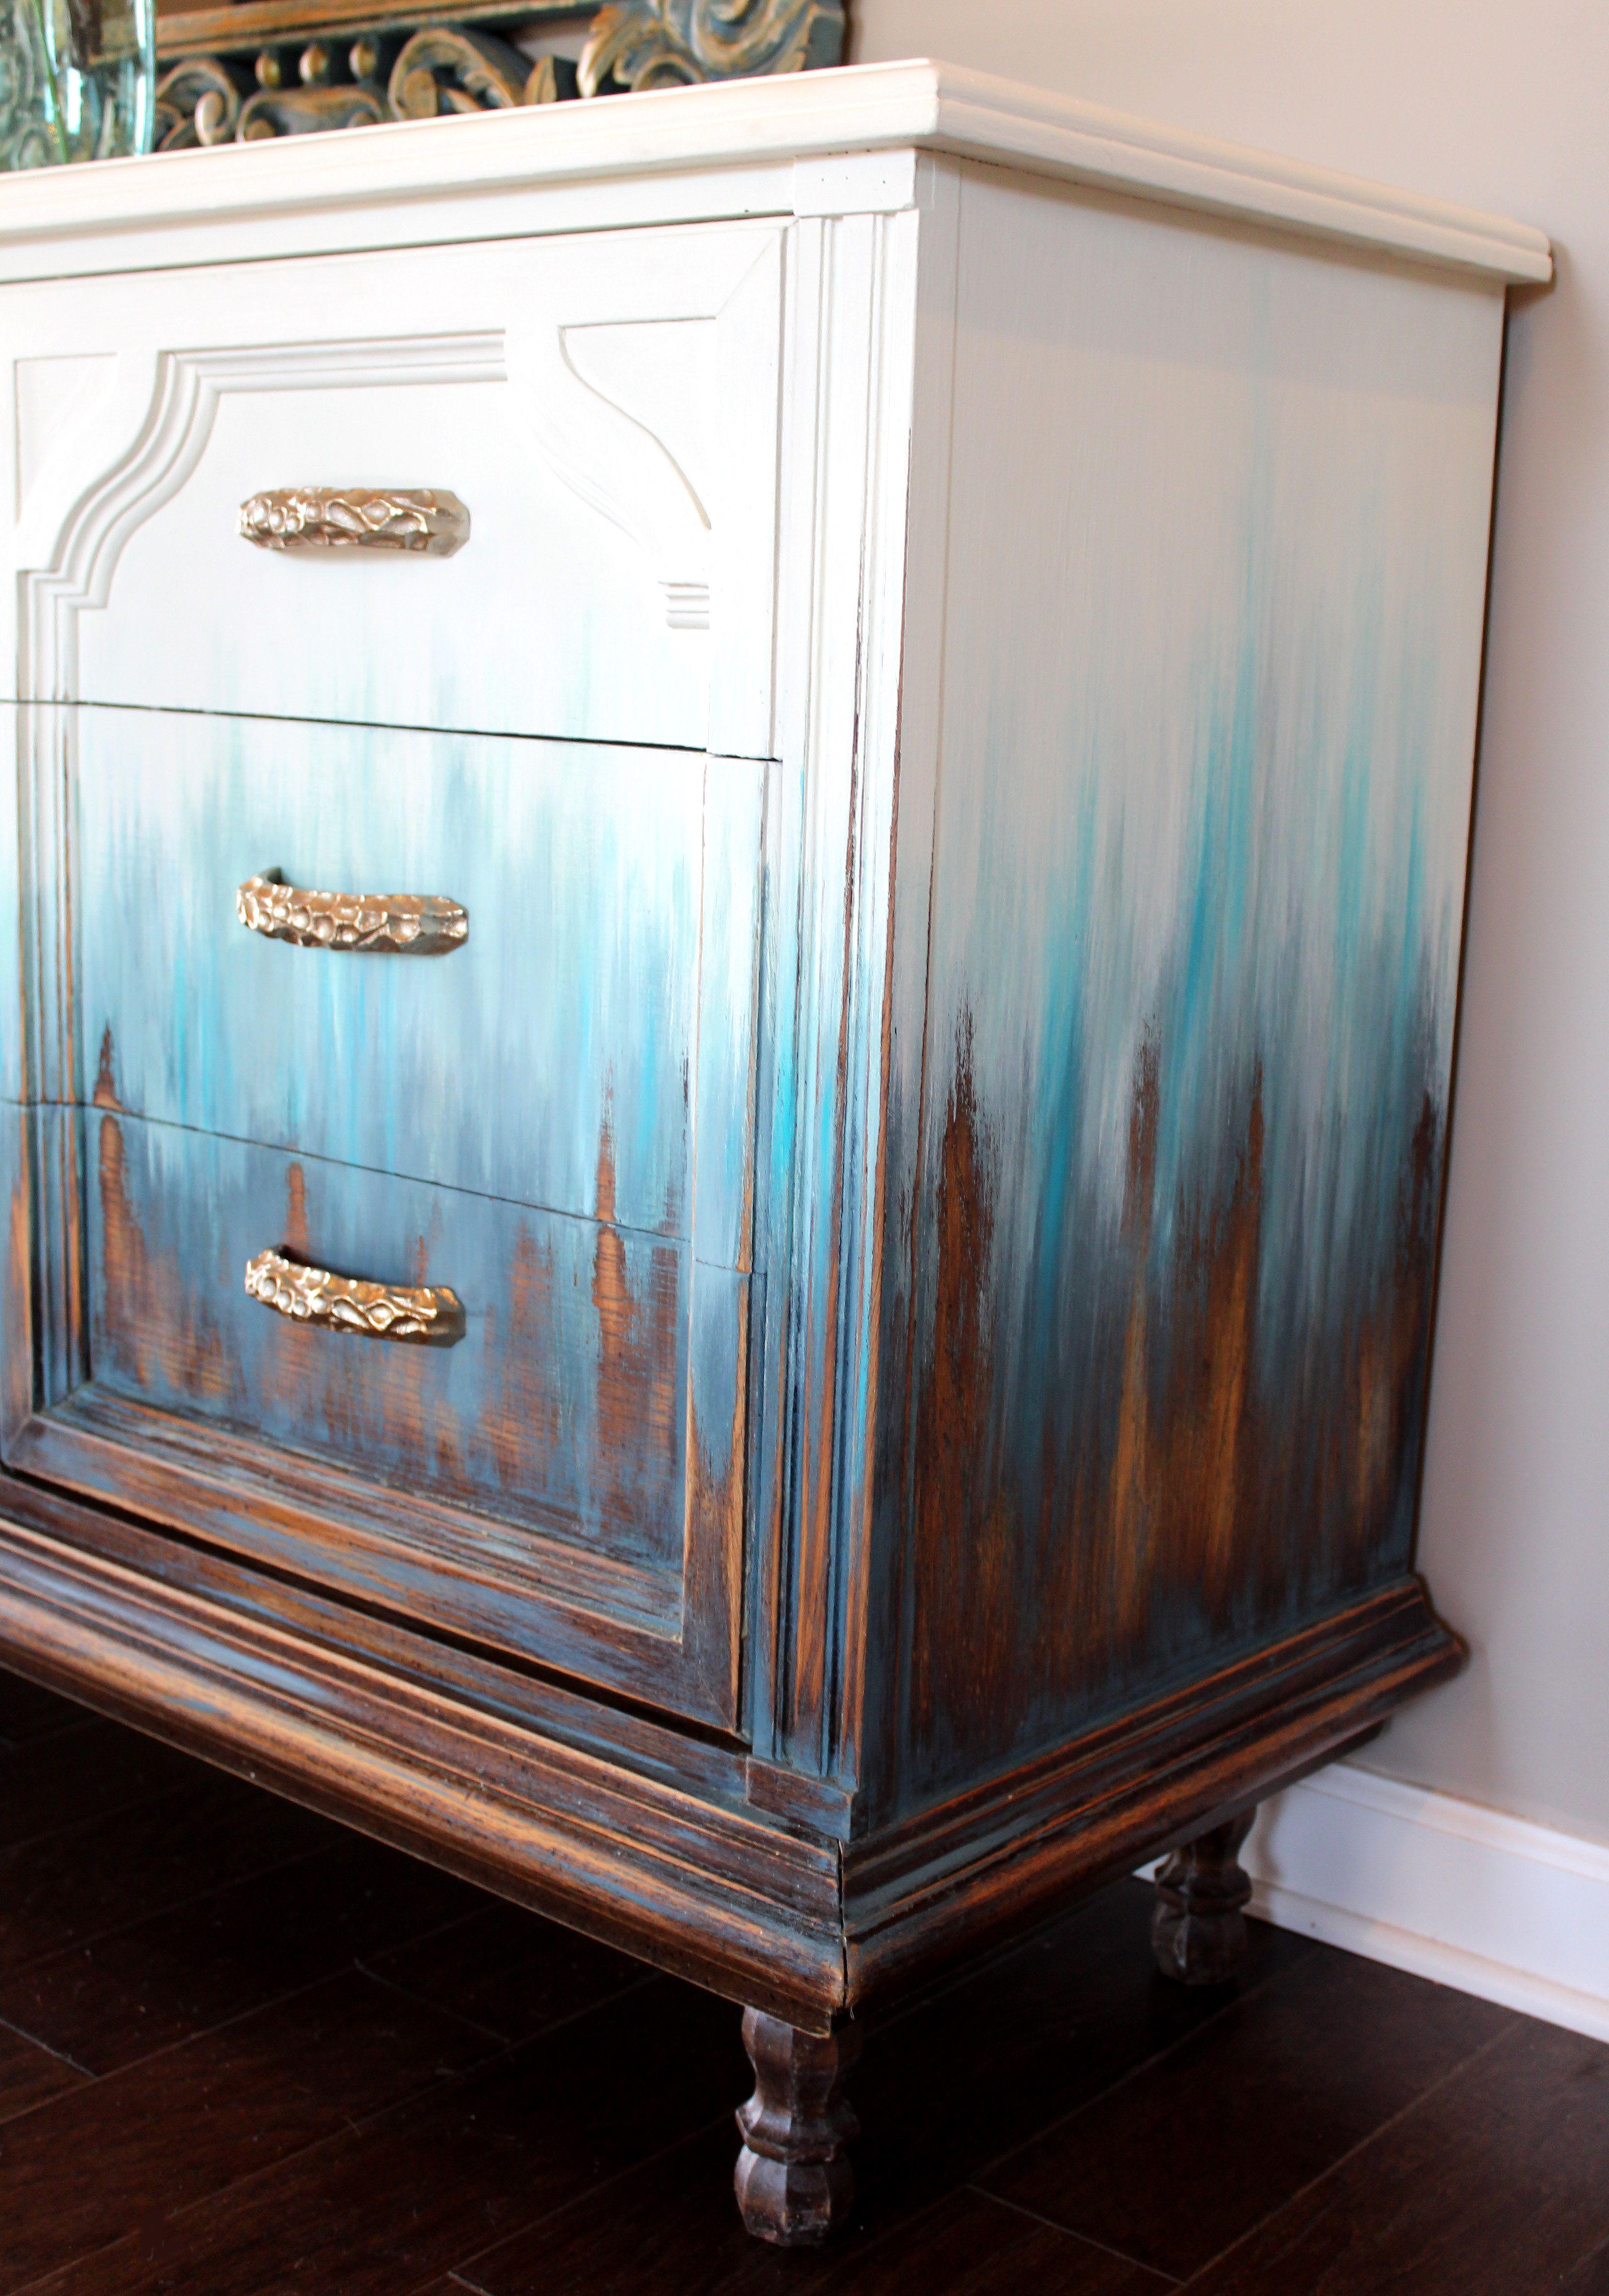 Pin de Susan Tuthill en REHABArt.com   Pinterest   Cómoda, Pintar y ...